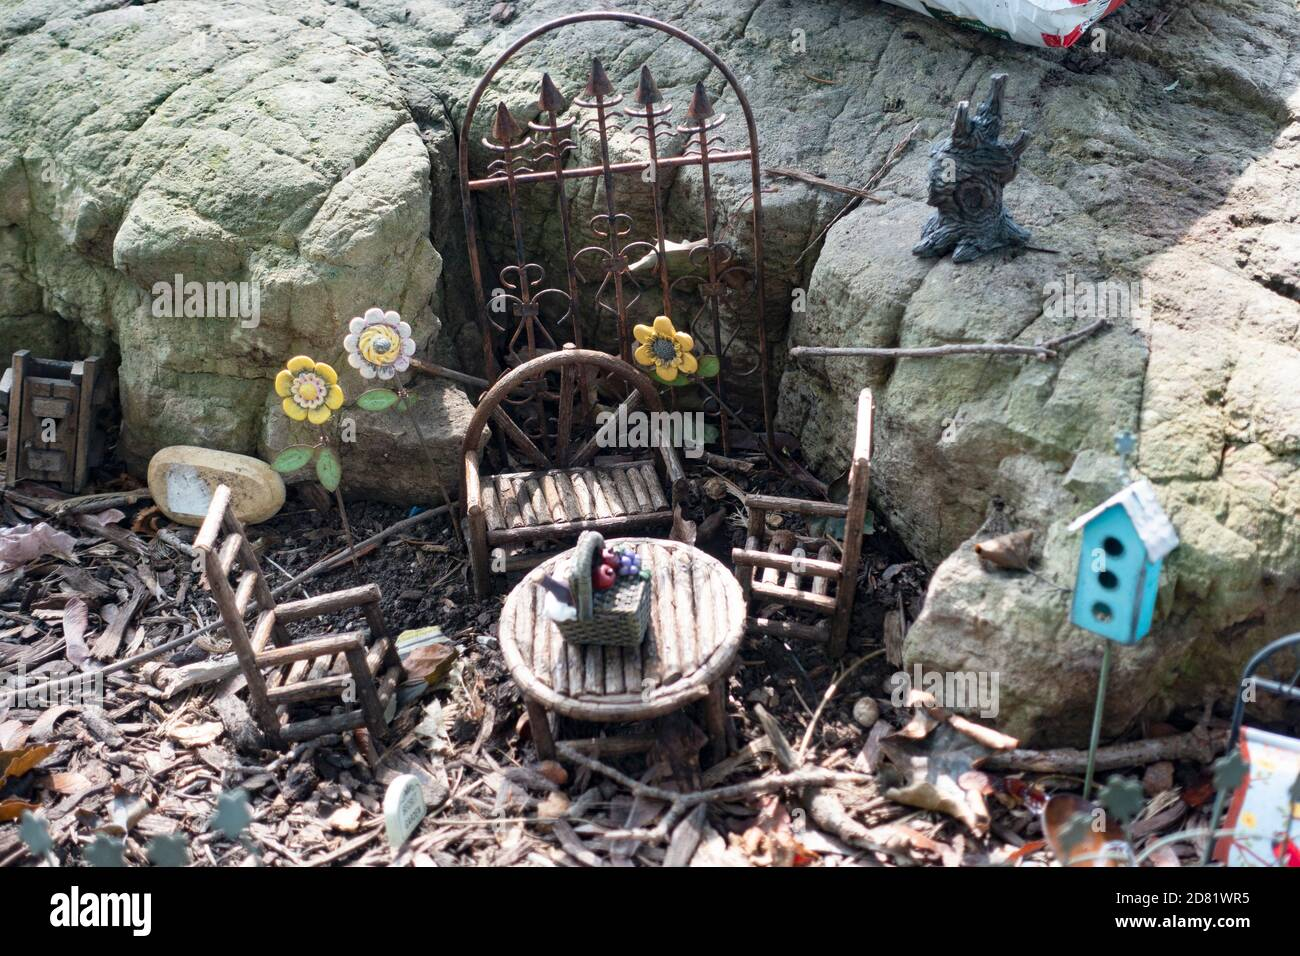 Kleiner, hobbitähnlicher Essbereich im Freien mit Tor zum inneren Tunnel. Downers Grove Illinois IL USA Stockfoto